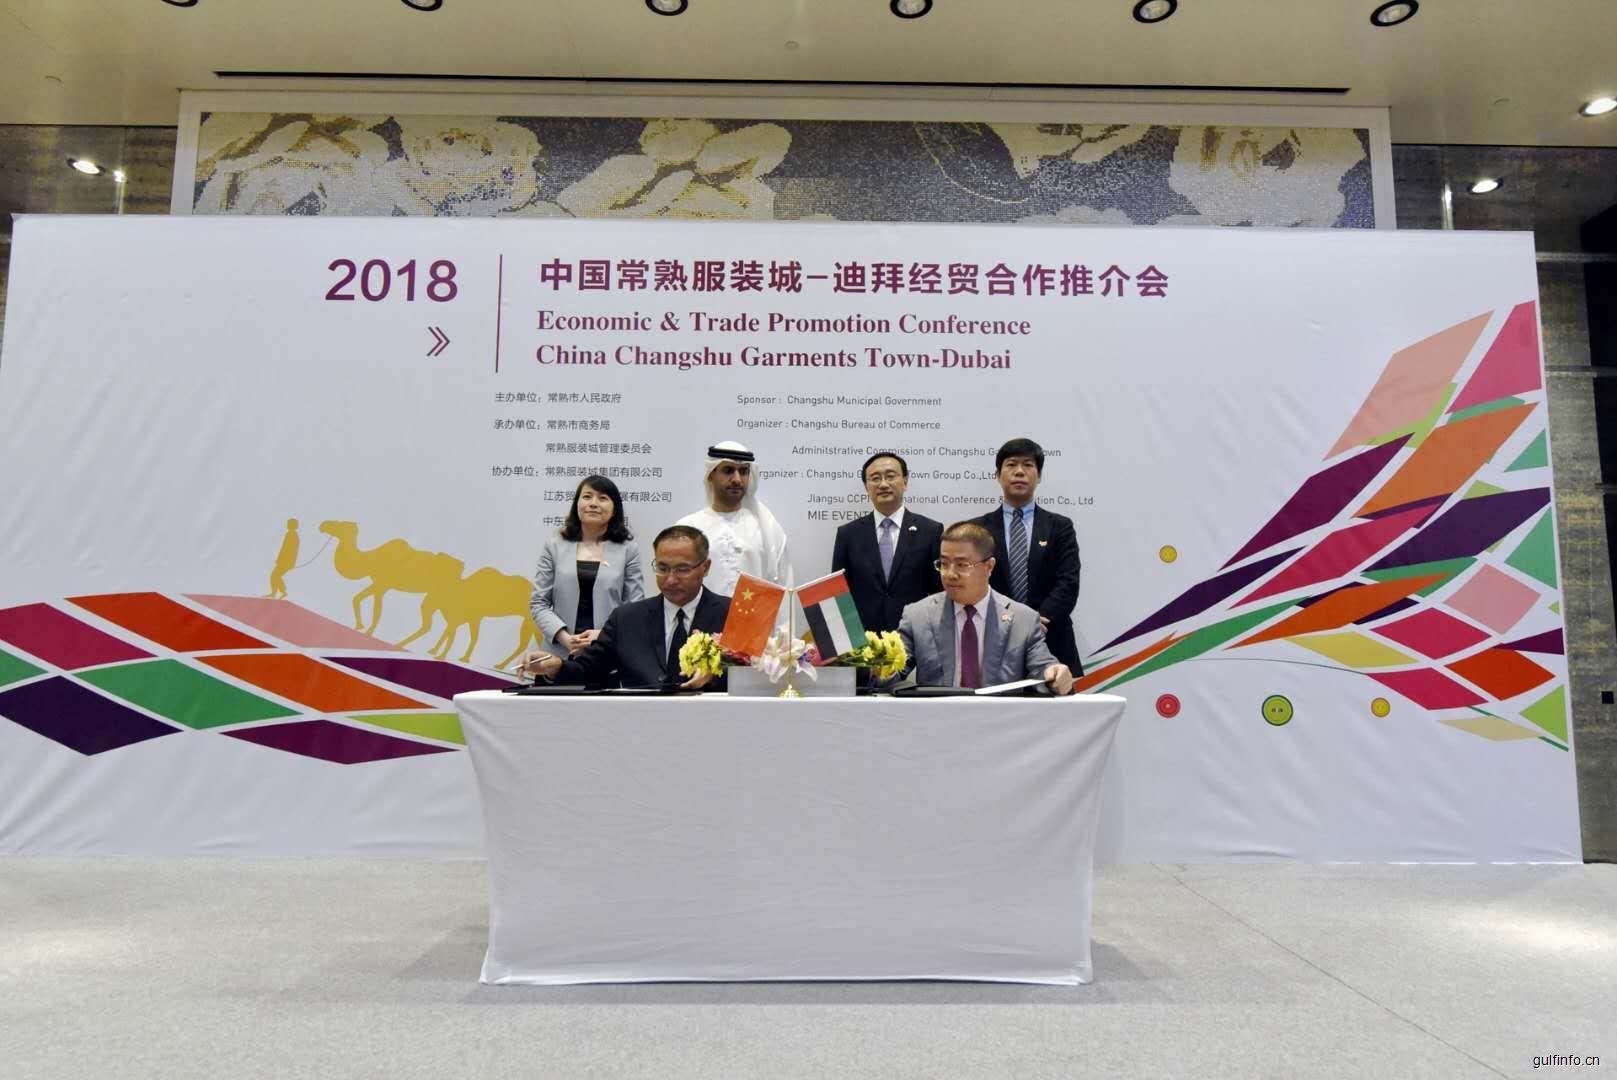 """新华社:""""中国常熟服装城——迪拜经贸合作推介会""""在迪拜举行"""